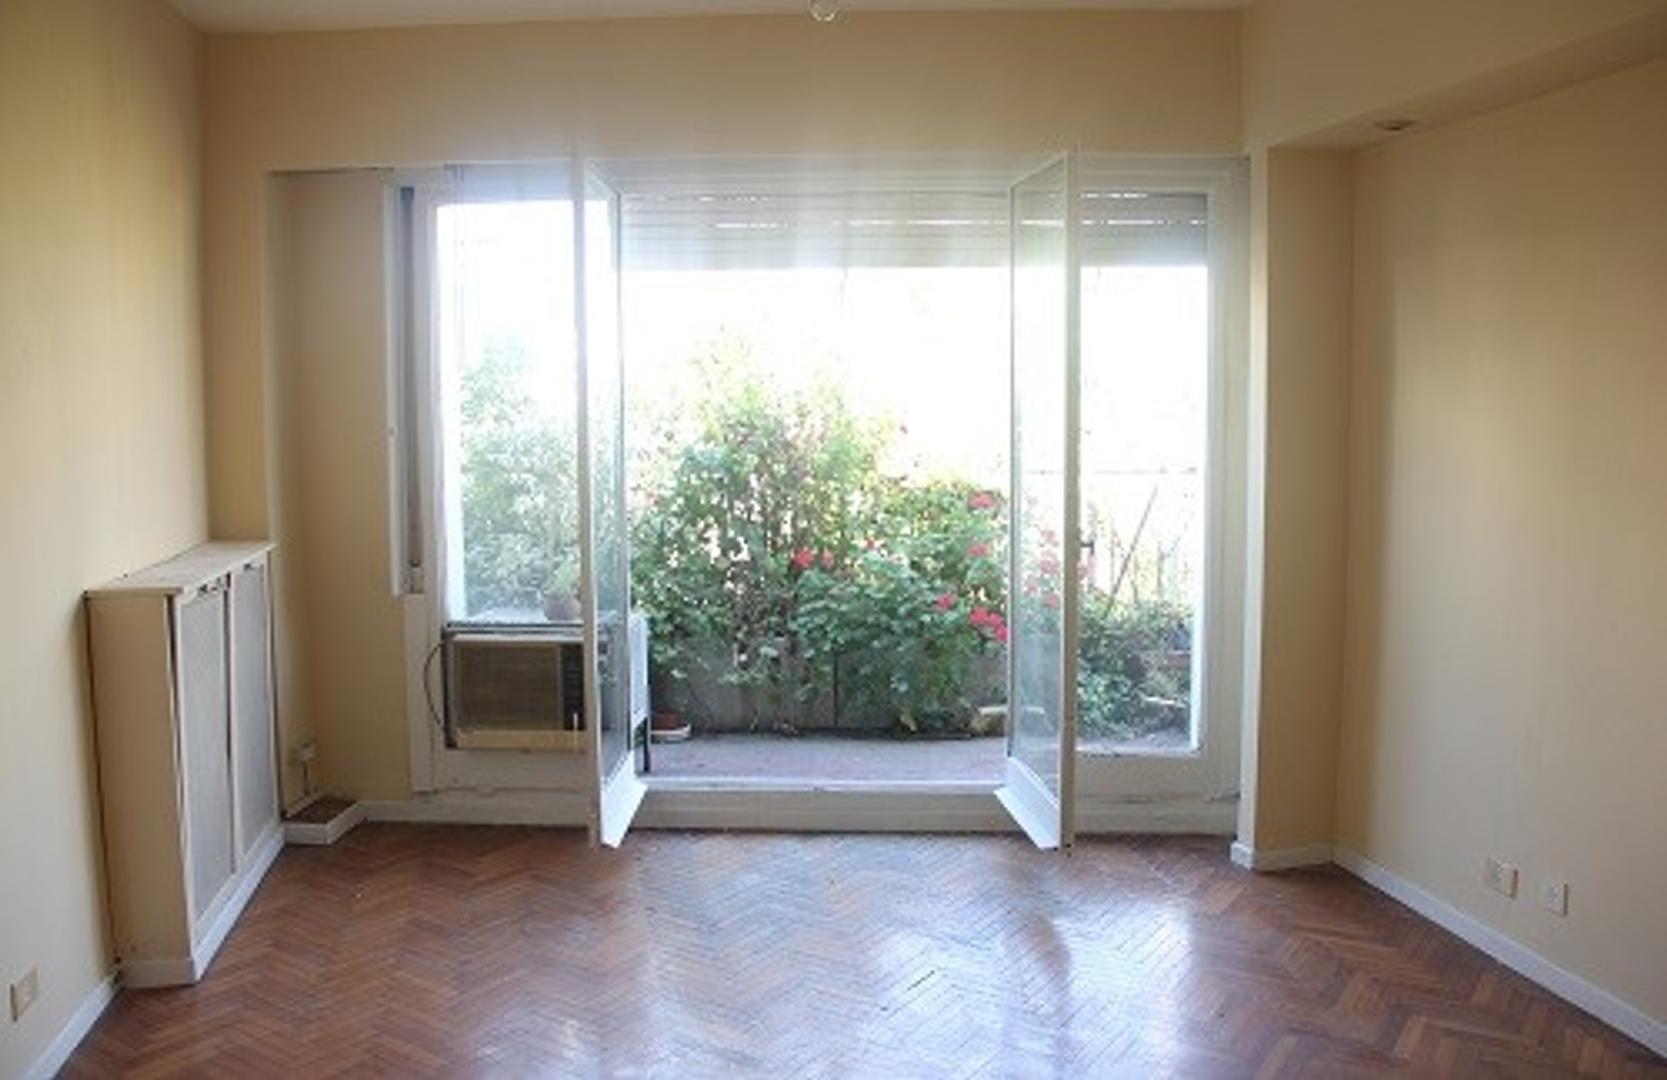 Araoz 2400 - Excelente 4 amb con  amplio balcón